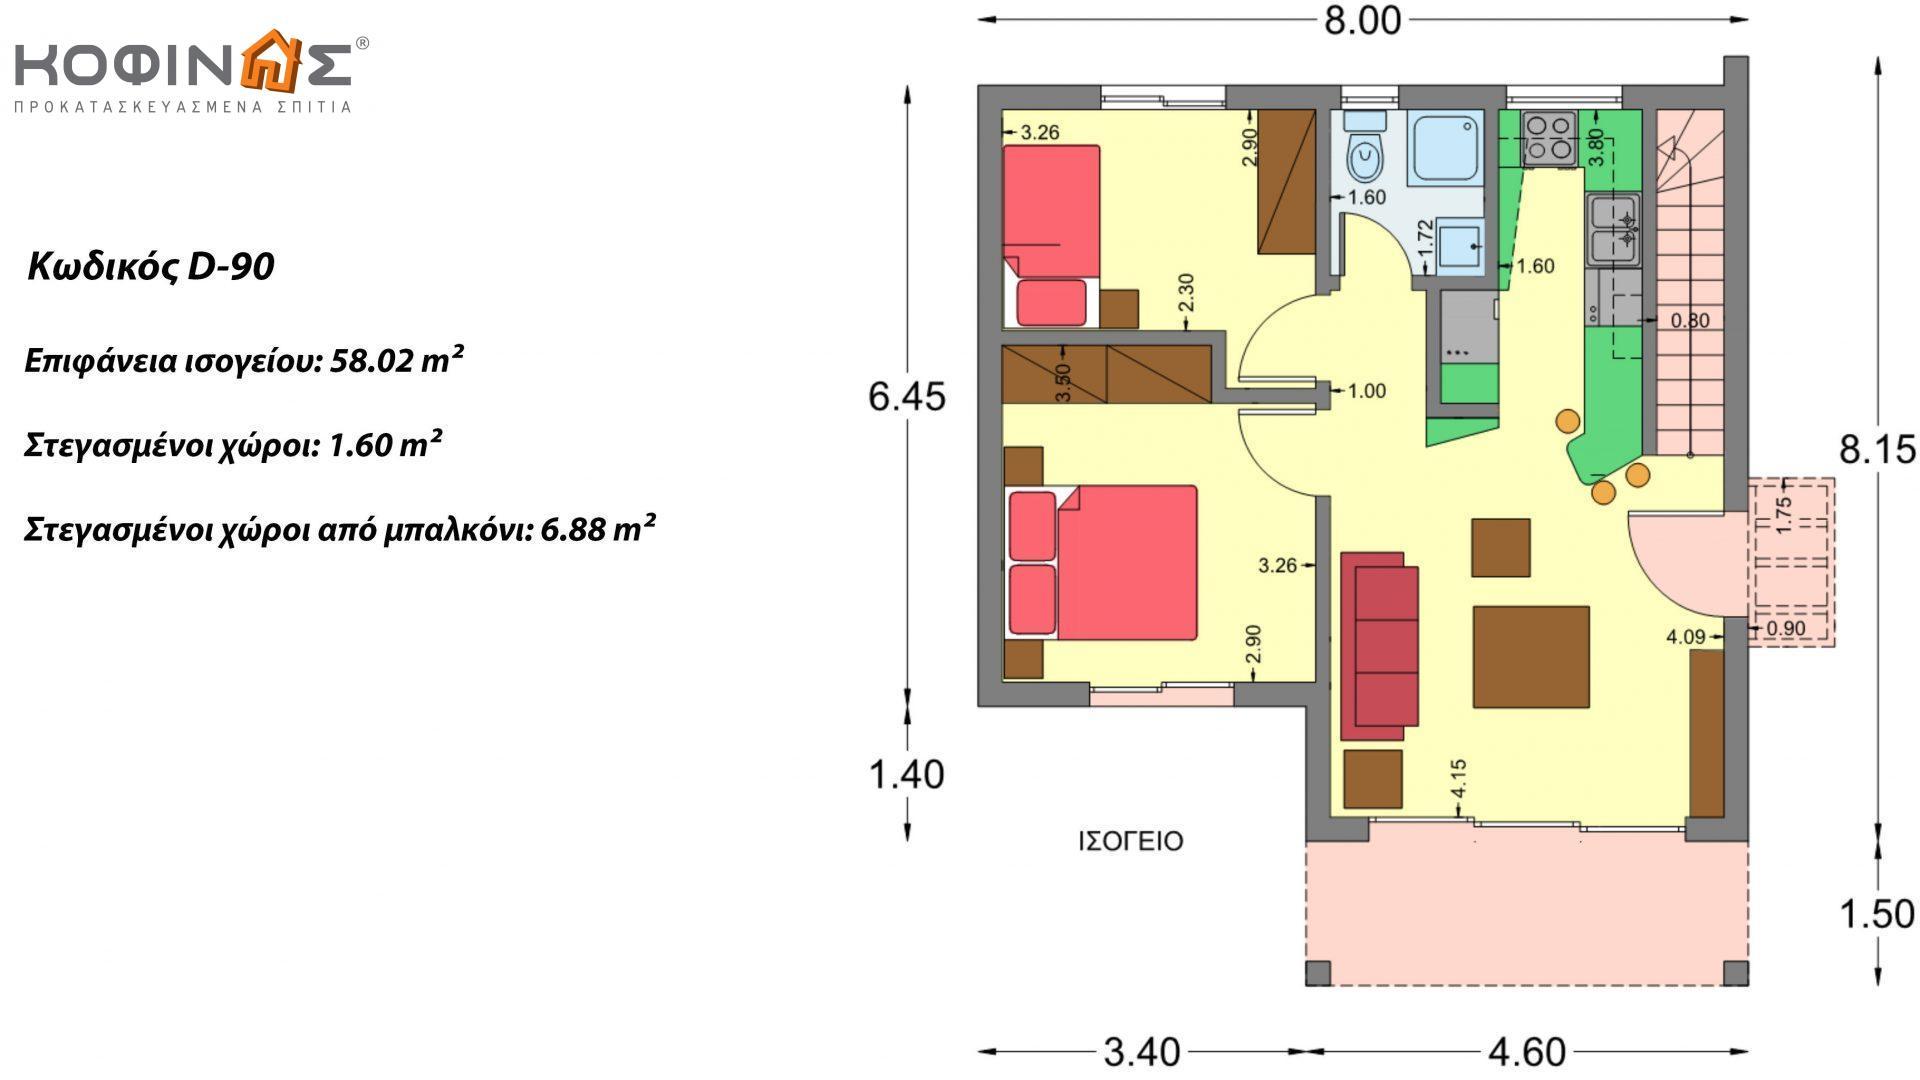 Διώροφη Κατοικία D-90, συνολικής επιφάνειας 90,42 τ.μ., συνολική επιφάνεια στεγασμένων χώρων 25,96 τ.μ., μπαλκόνια 32,54 τ.μ.